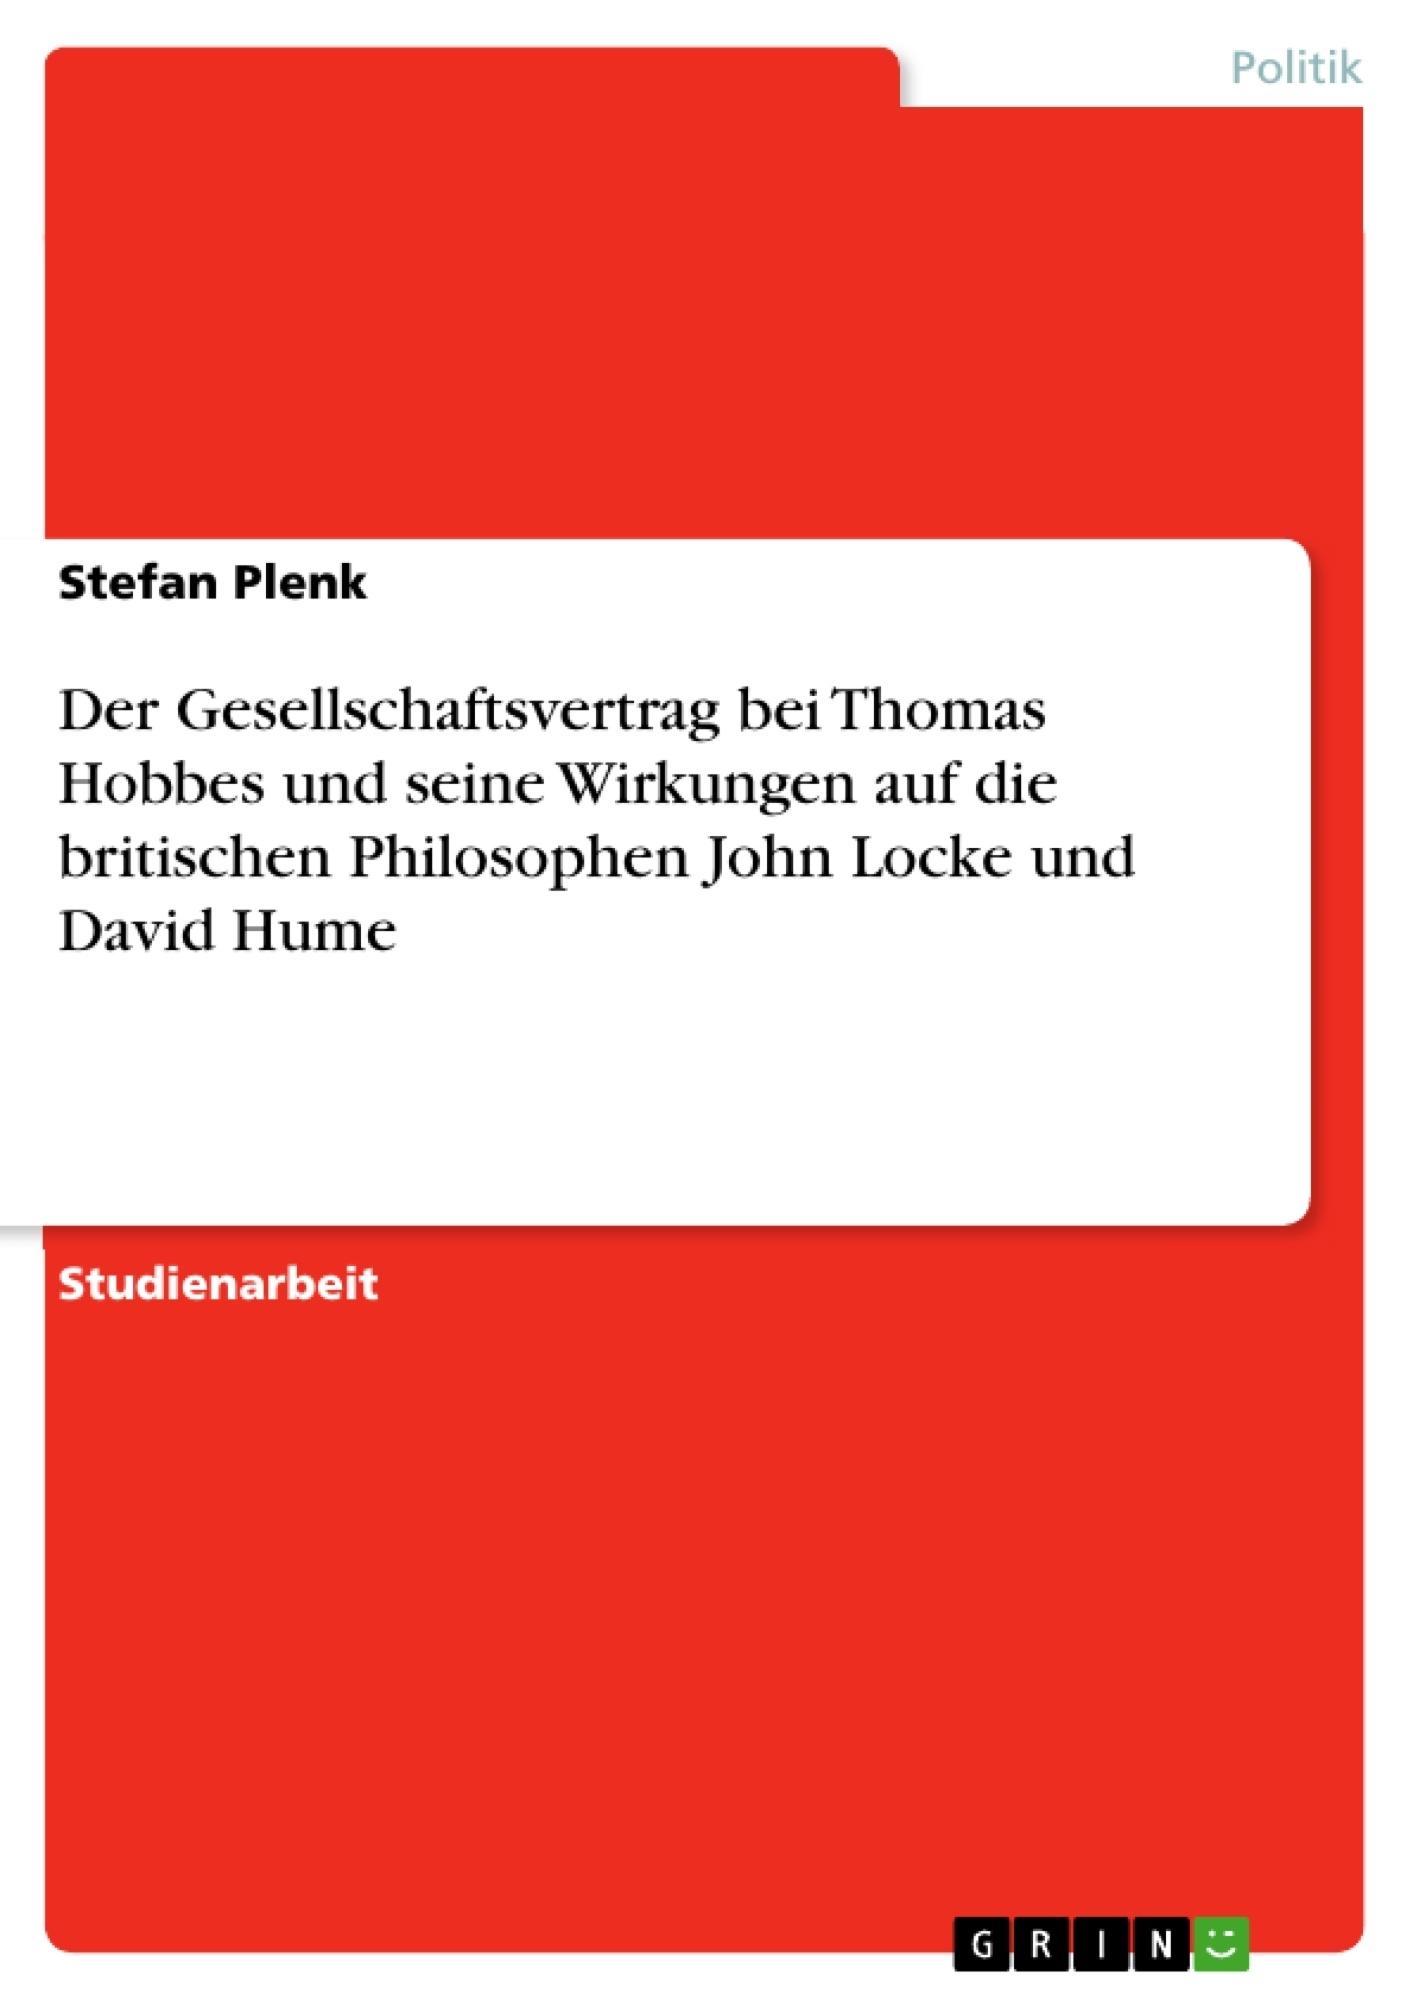 Titel: Der Gesellschaftsvertrag bei Thomas Hobbes und seine Wirkungen auf die britischen Philosophen John Locke und David Hume